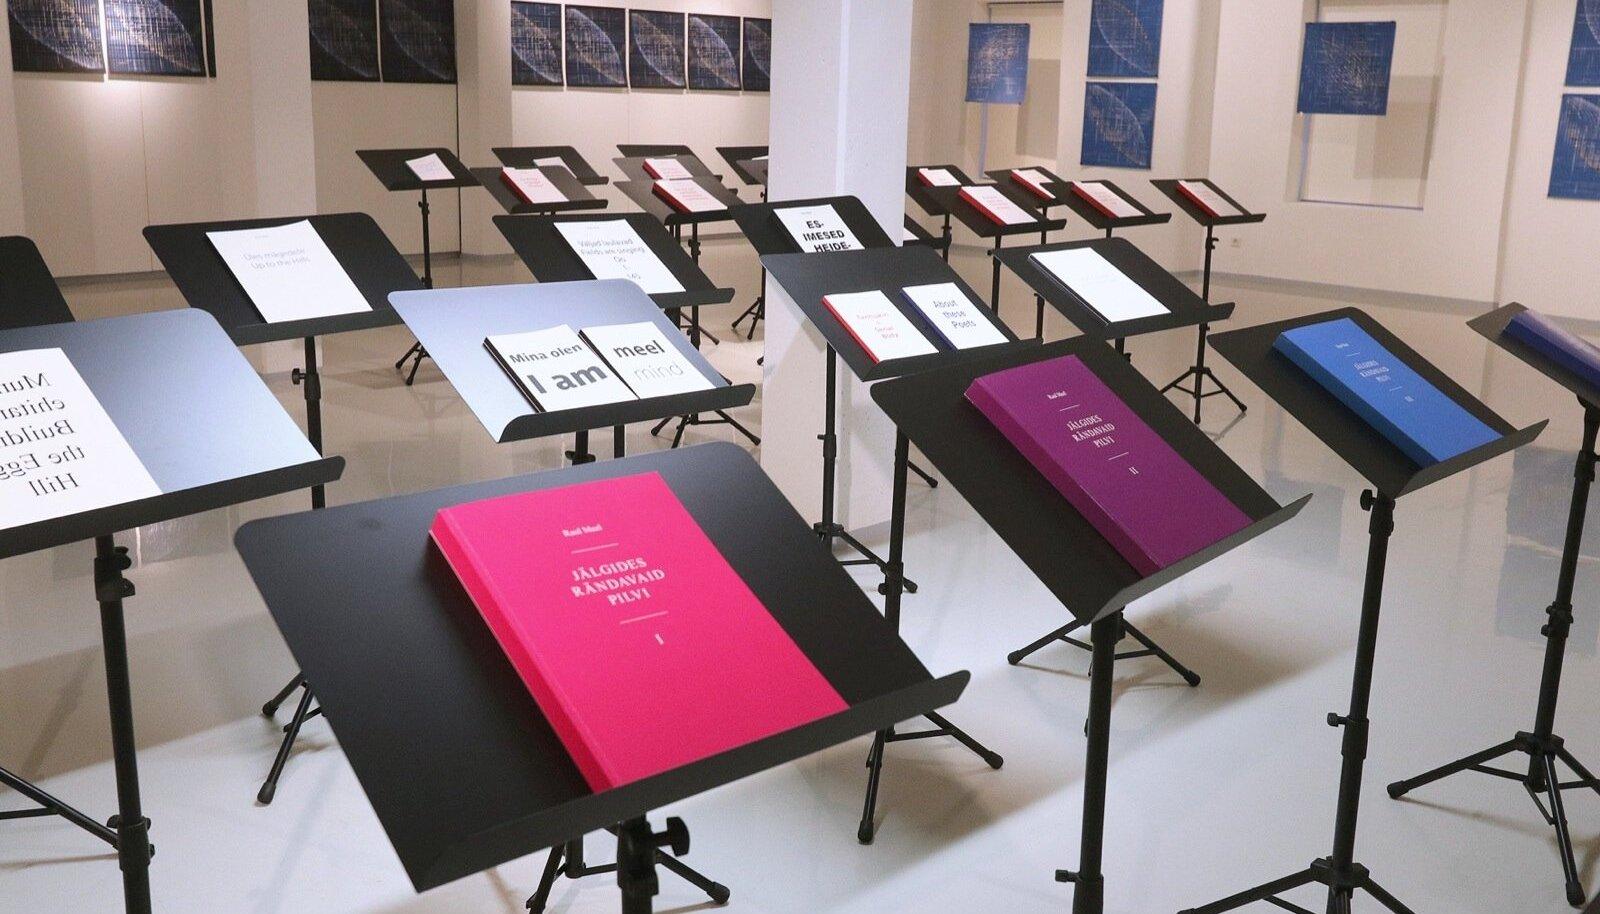 """Noodipuldid, mille peal on eri sisuga raamatud, kutsuvad osalema """"Grand Concerti"""" eelproovis – kokku 46 raamatut eesti, vene, saksa, soome, portugali ja teistes keeltes."""